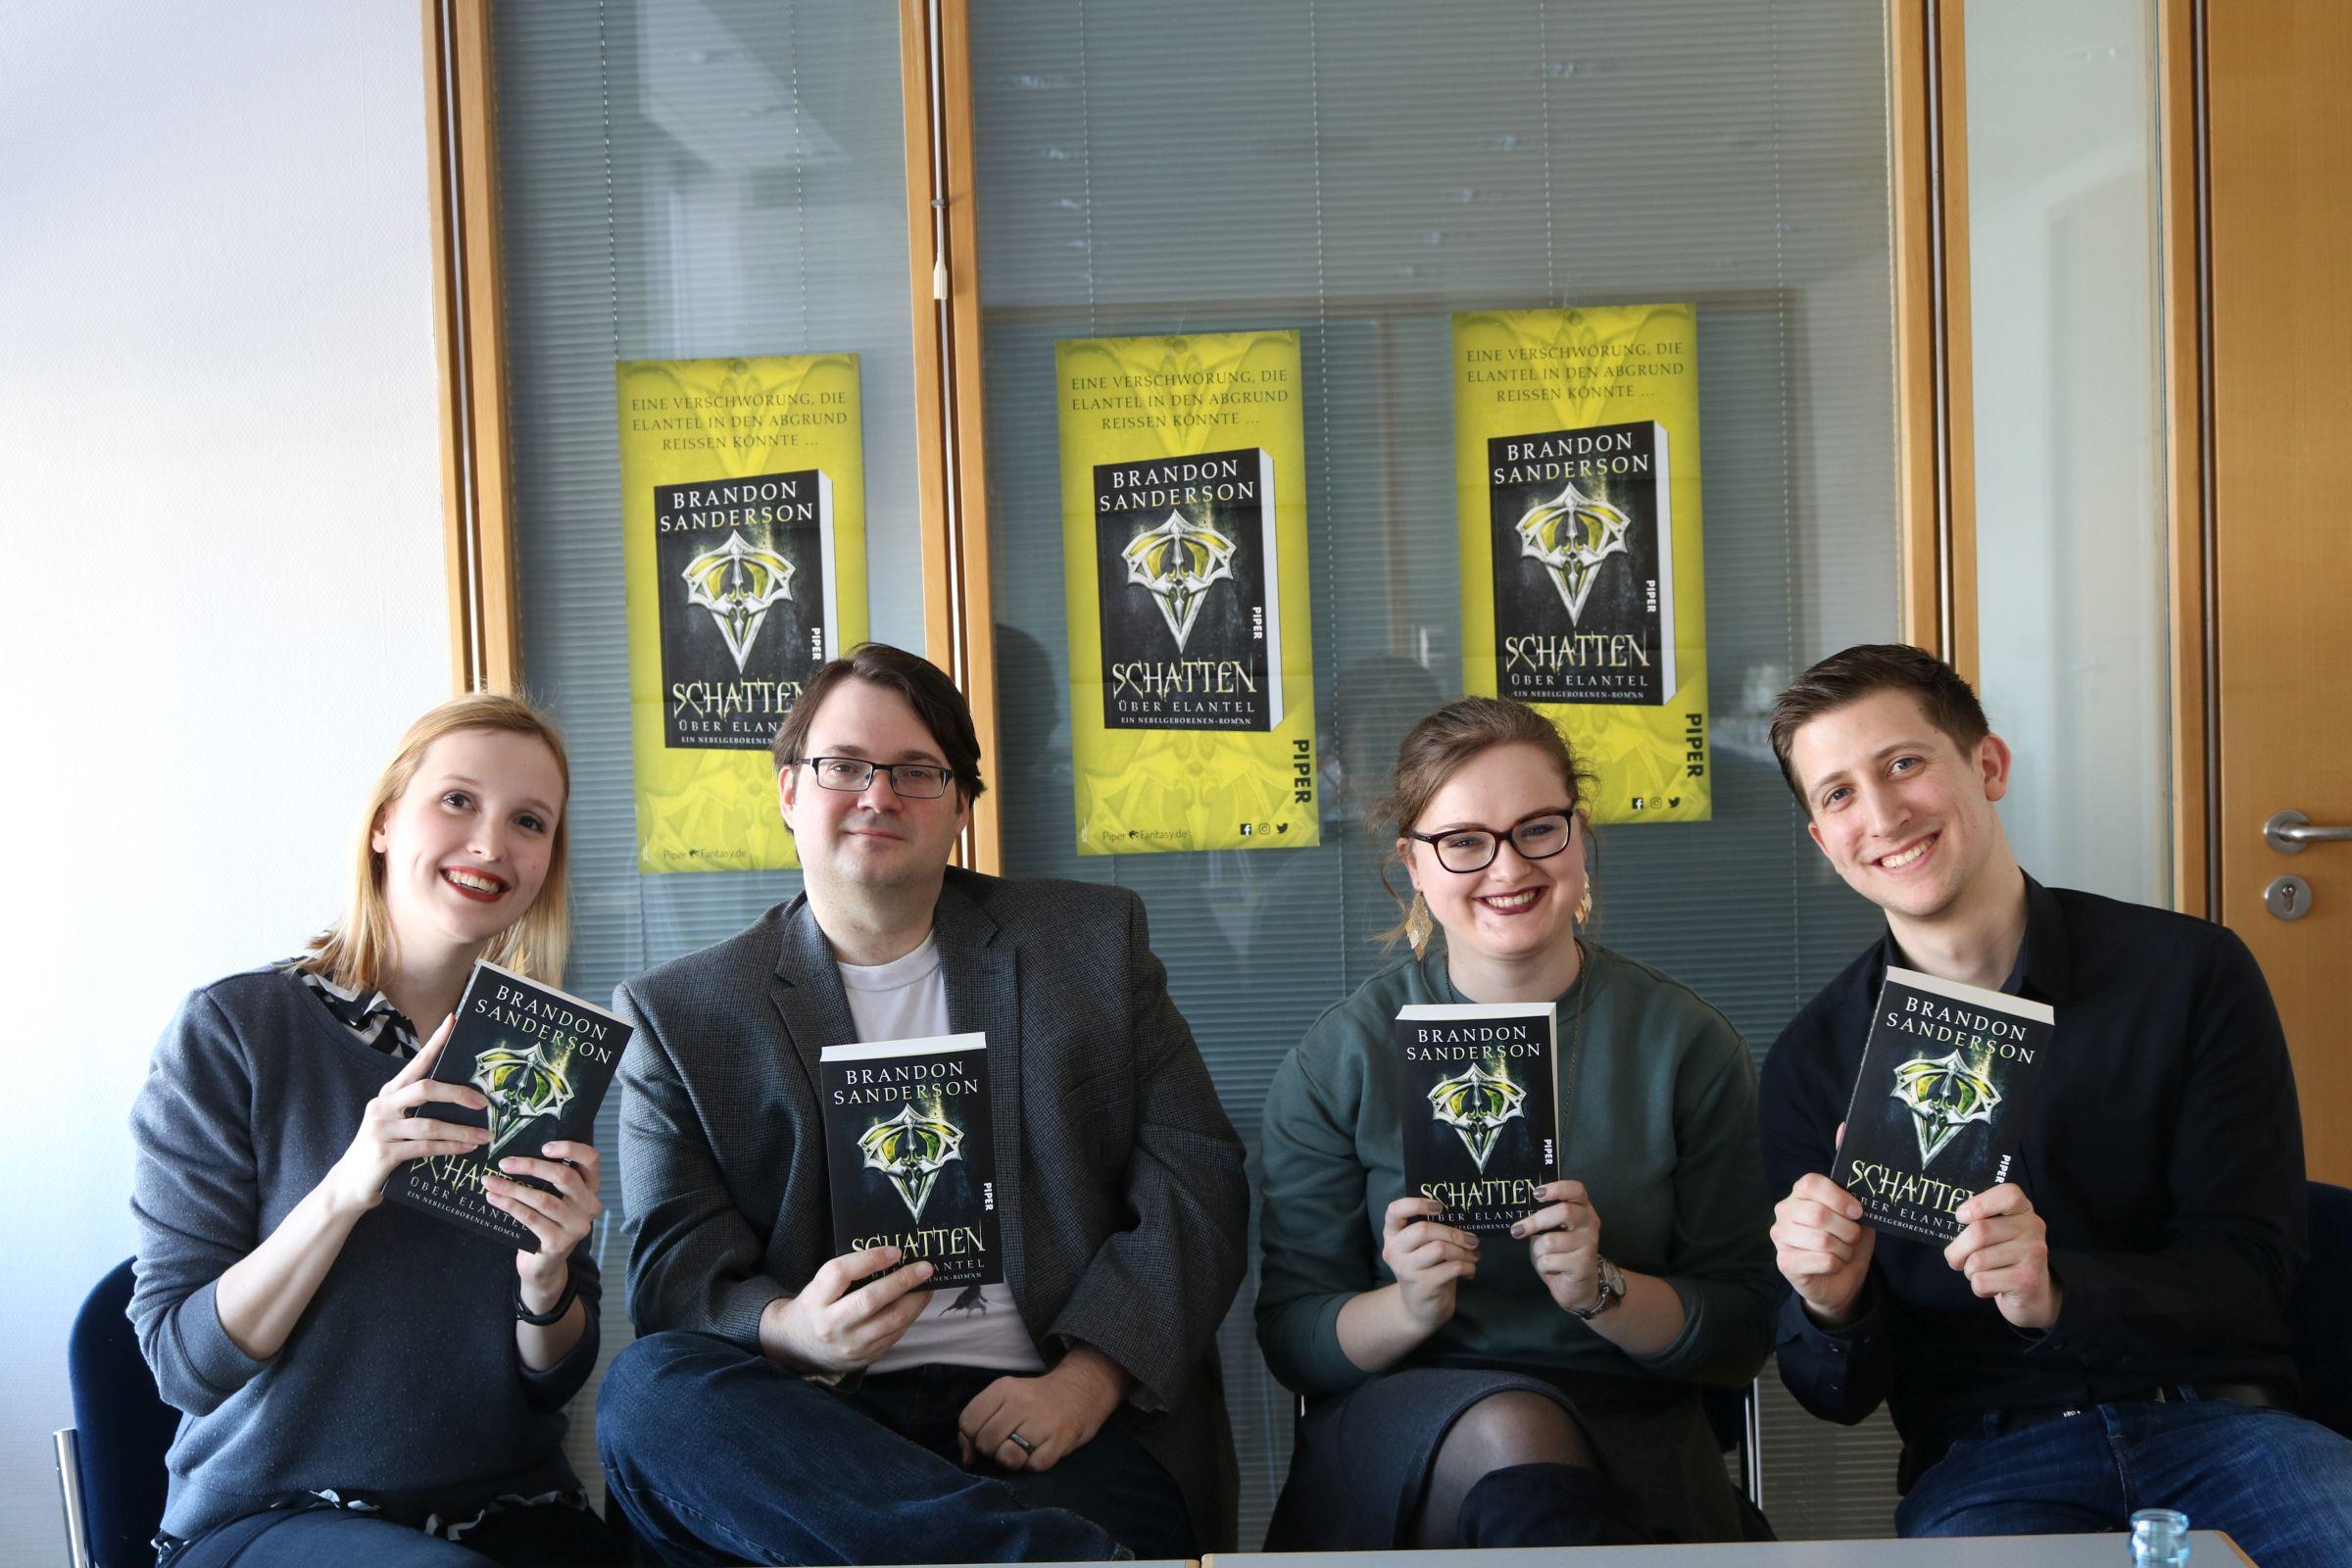 Jule (Miss Foxy reads), Brandon Sanderson, Sanne (Der Papierplanet) und ich